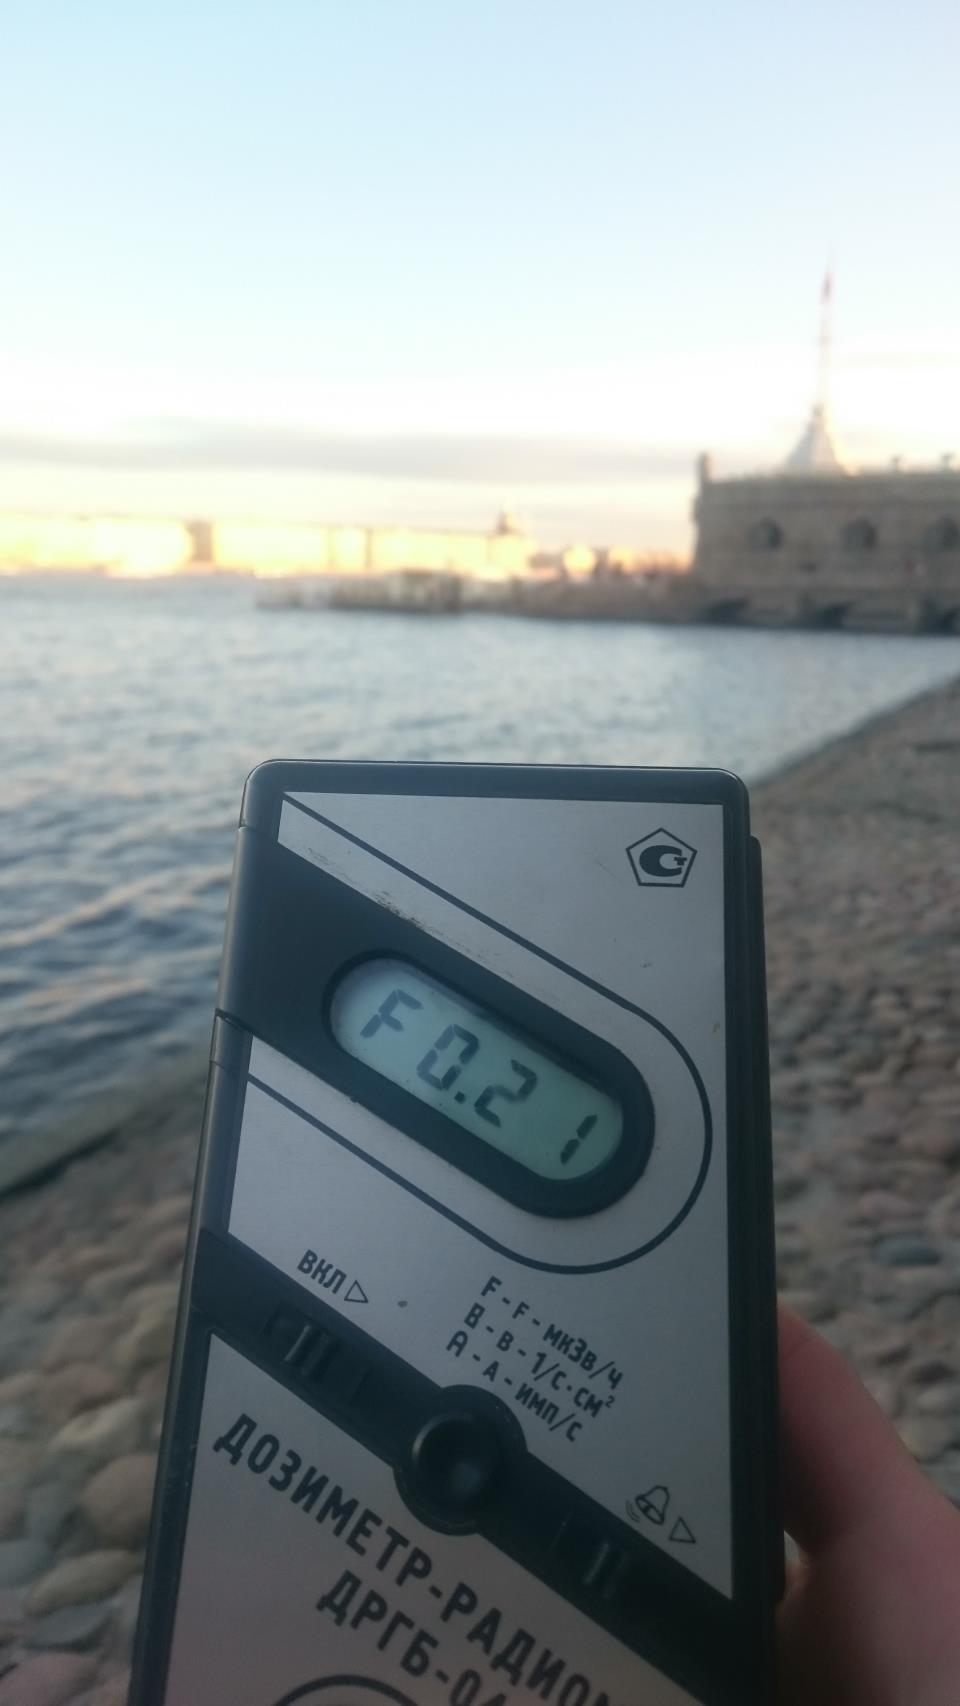 Точка измерения МЭД гамма-излучени на набережной Петропавловской крепости в Санкт-Петербурге